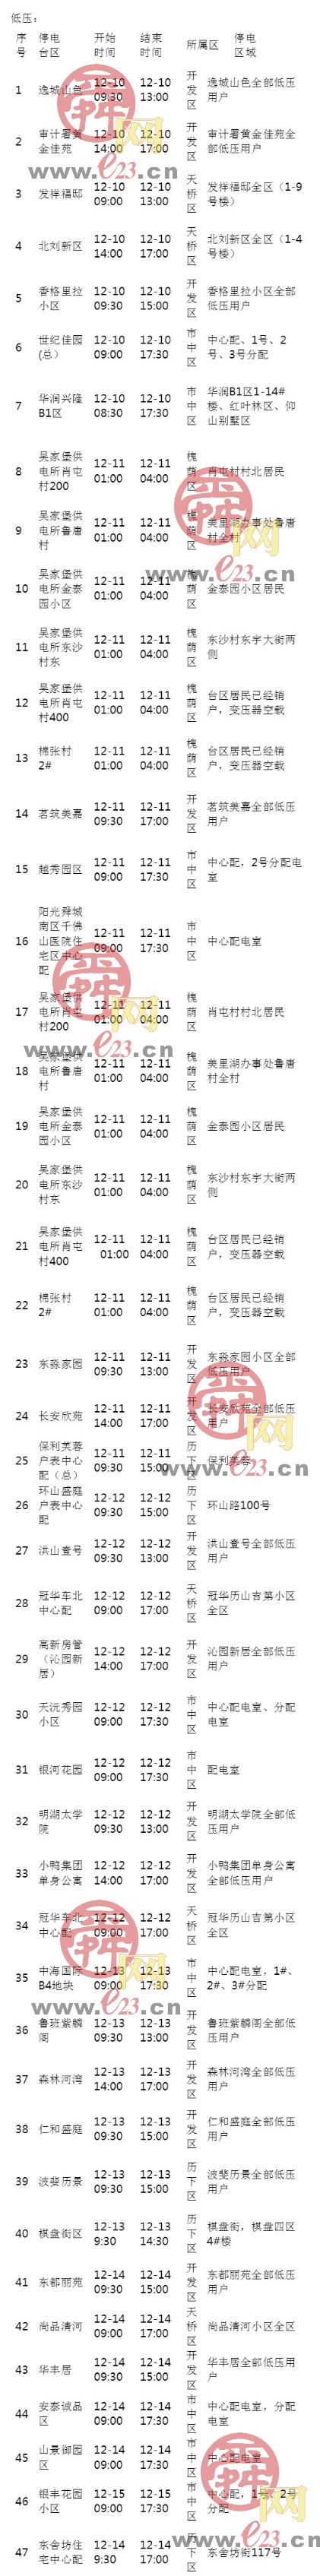 12月8日至12月14日济南部分区域电力设备检修通知